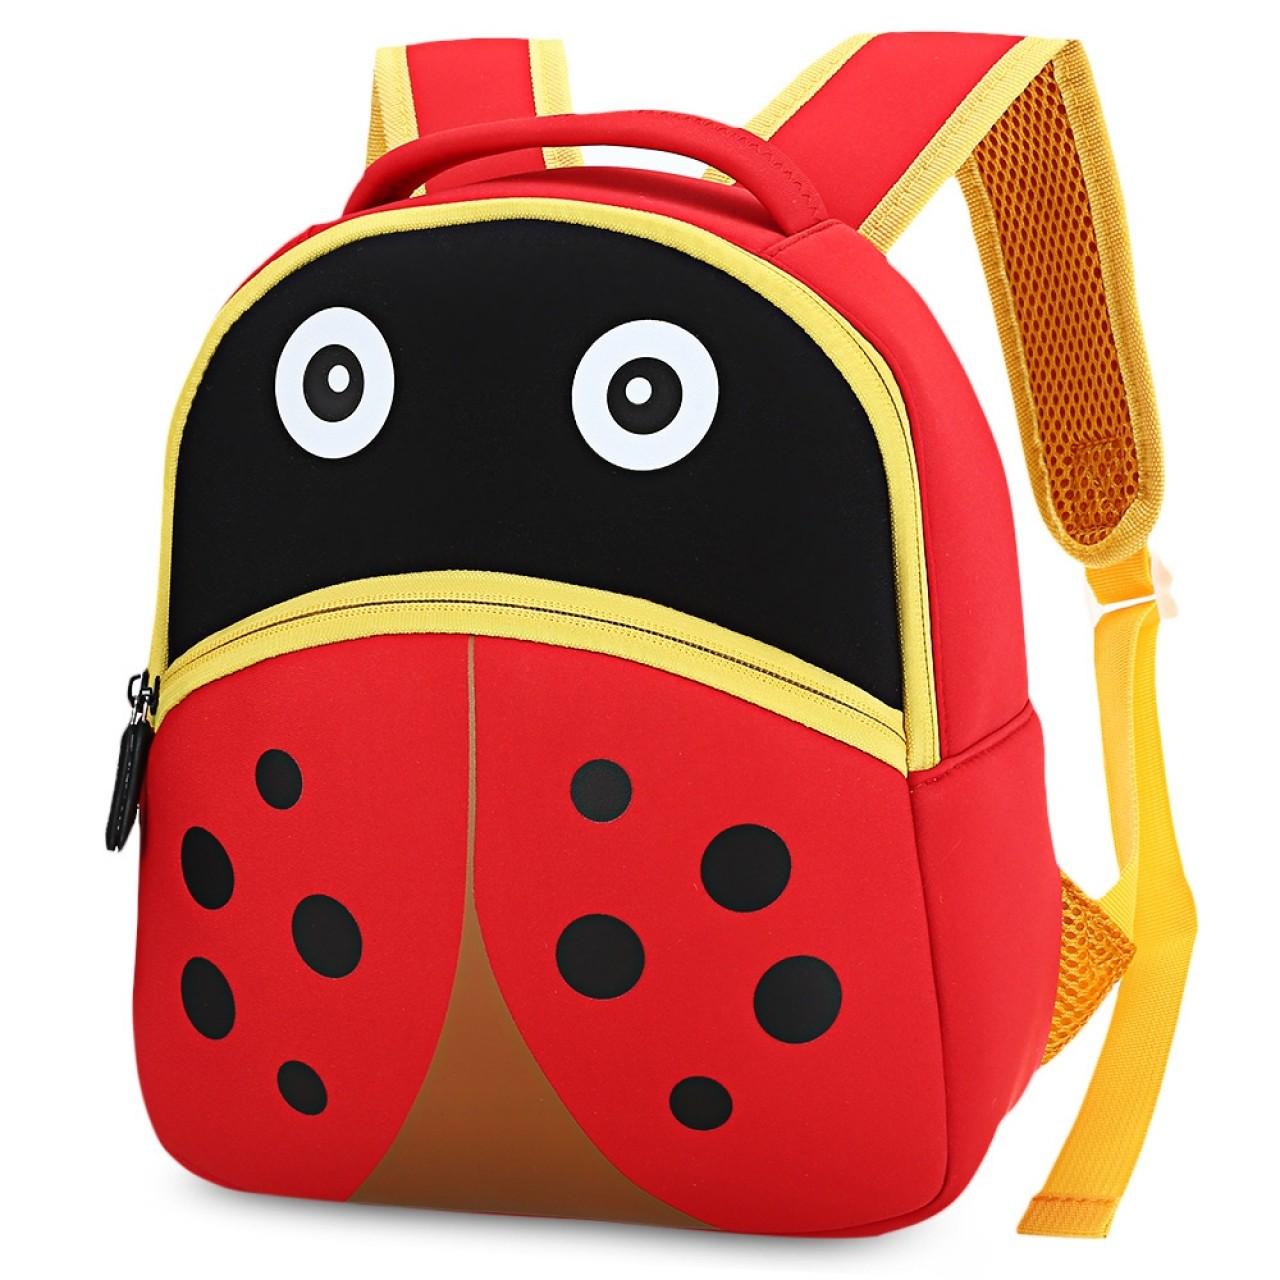 Σχολική Τσάντα Πλάτης Πασχαλίτσα Για Παιδιά Νηπιαγωγείου - Animal Cartoon Love Bug Σχεδίαση - OEM - 3972